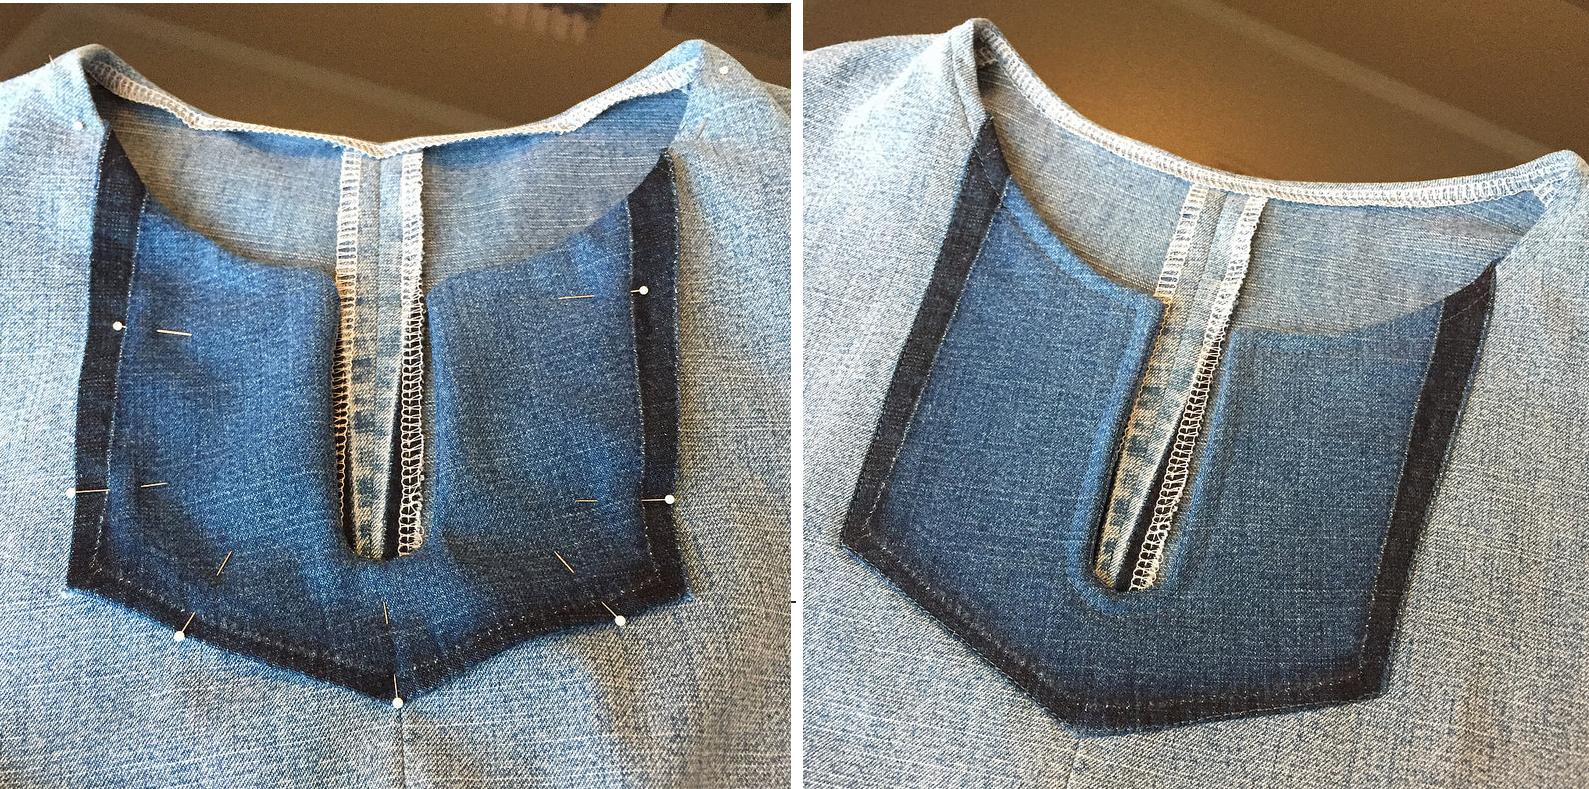 Como hacer blusas modelo túnica con jeans reciclados ¡Perfecta para el verano!10